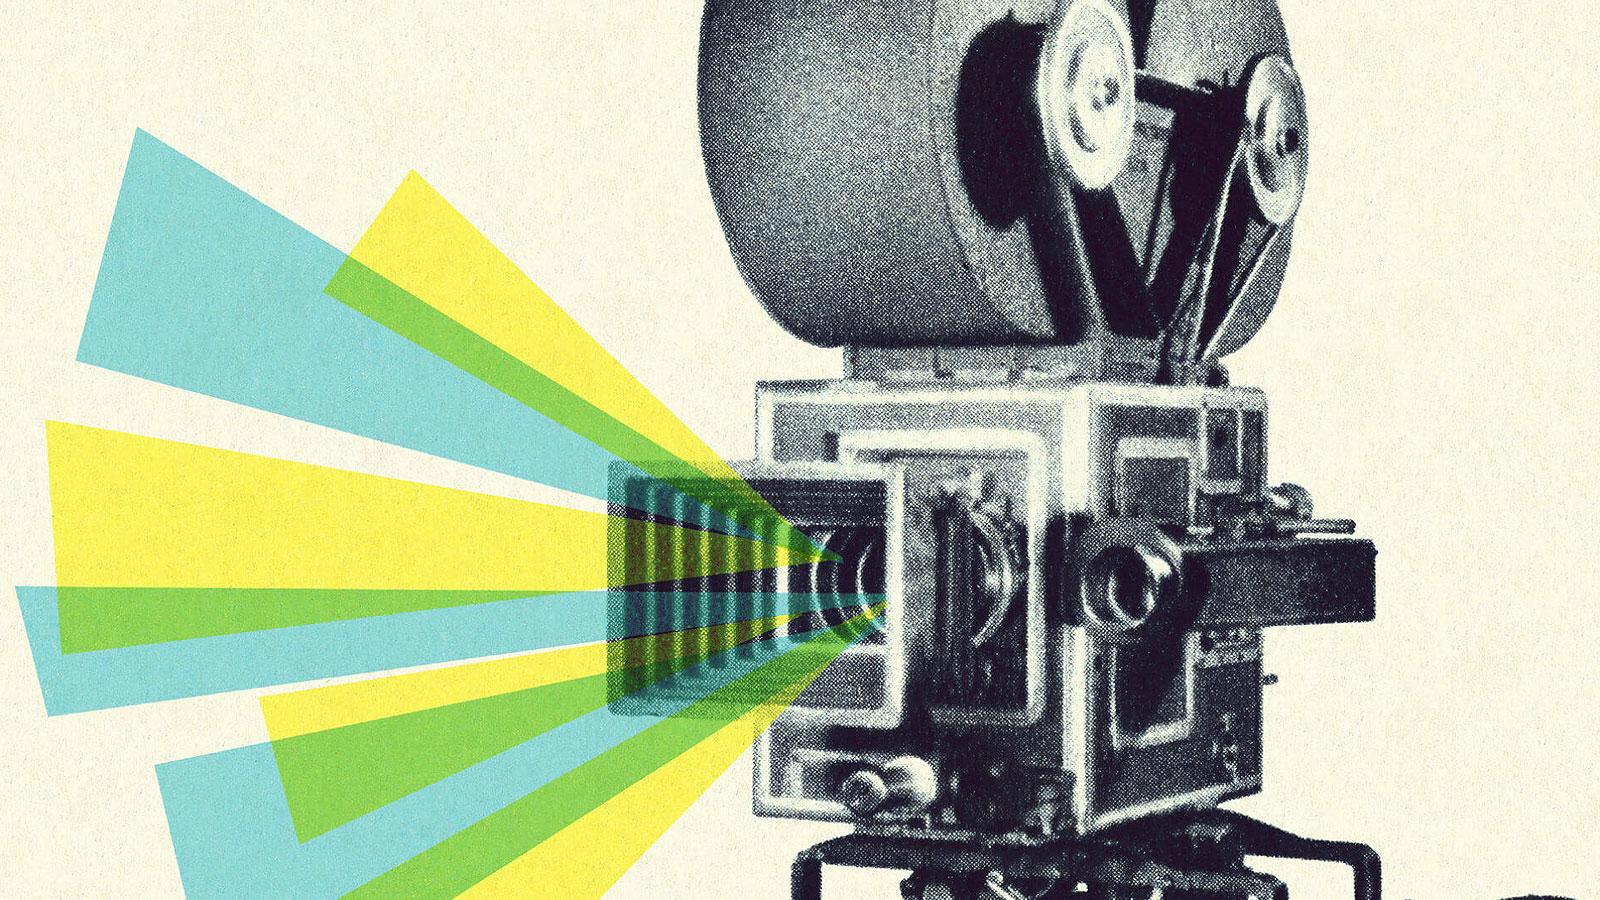 5 razoes para voce investir em videos de animacao para a sua empresa 2a dumela filmes - 5 razões para você investir em vídeos de animação para a sua empresa